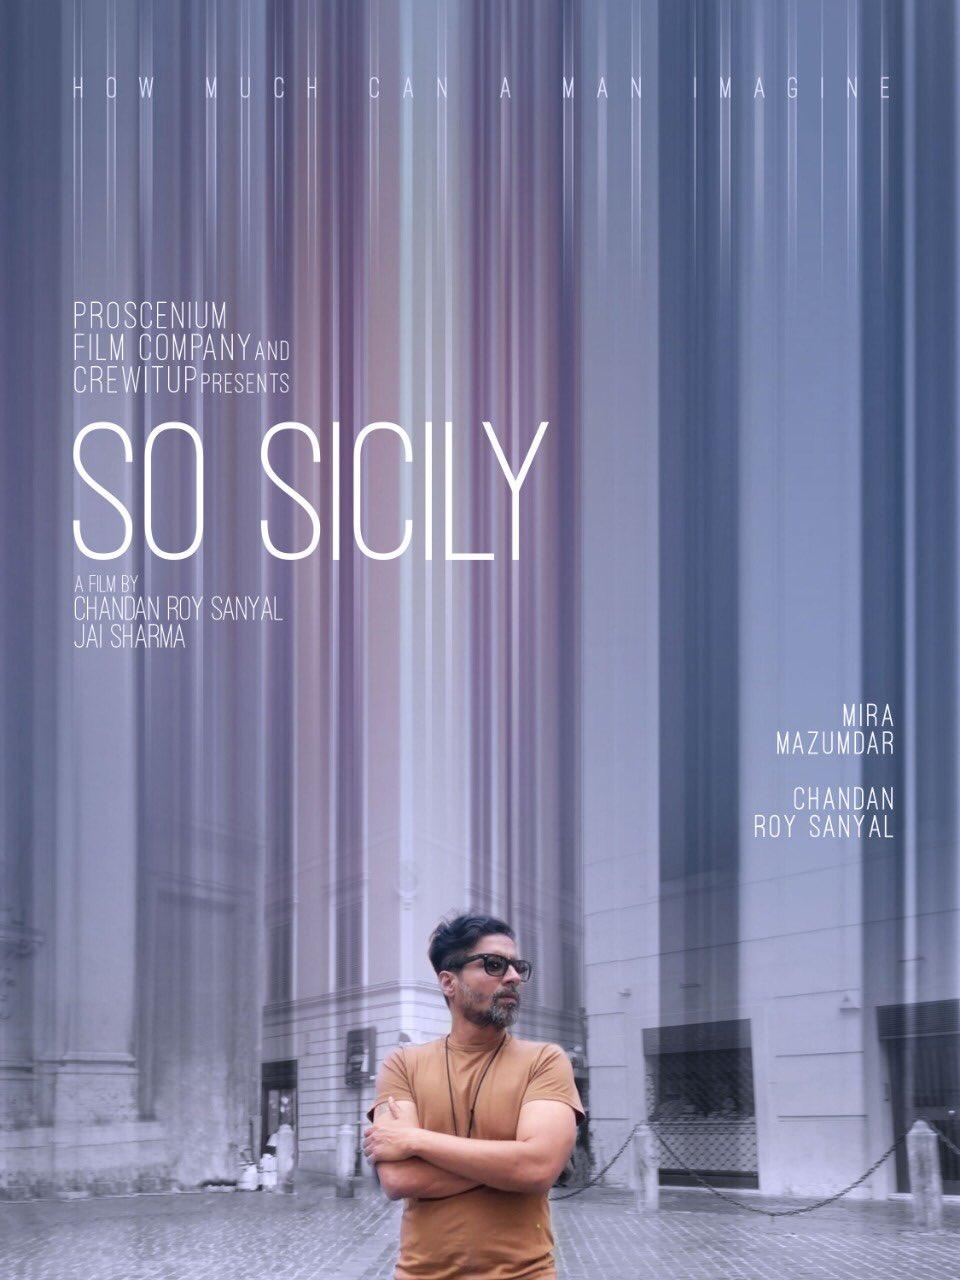 चंदन रॉय सान्याल की फिल्म 'सो सिसिली' का पोस्टर.